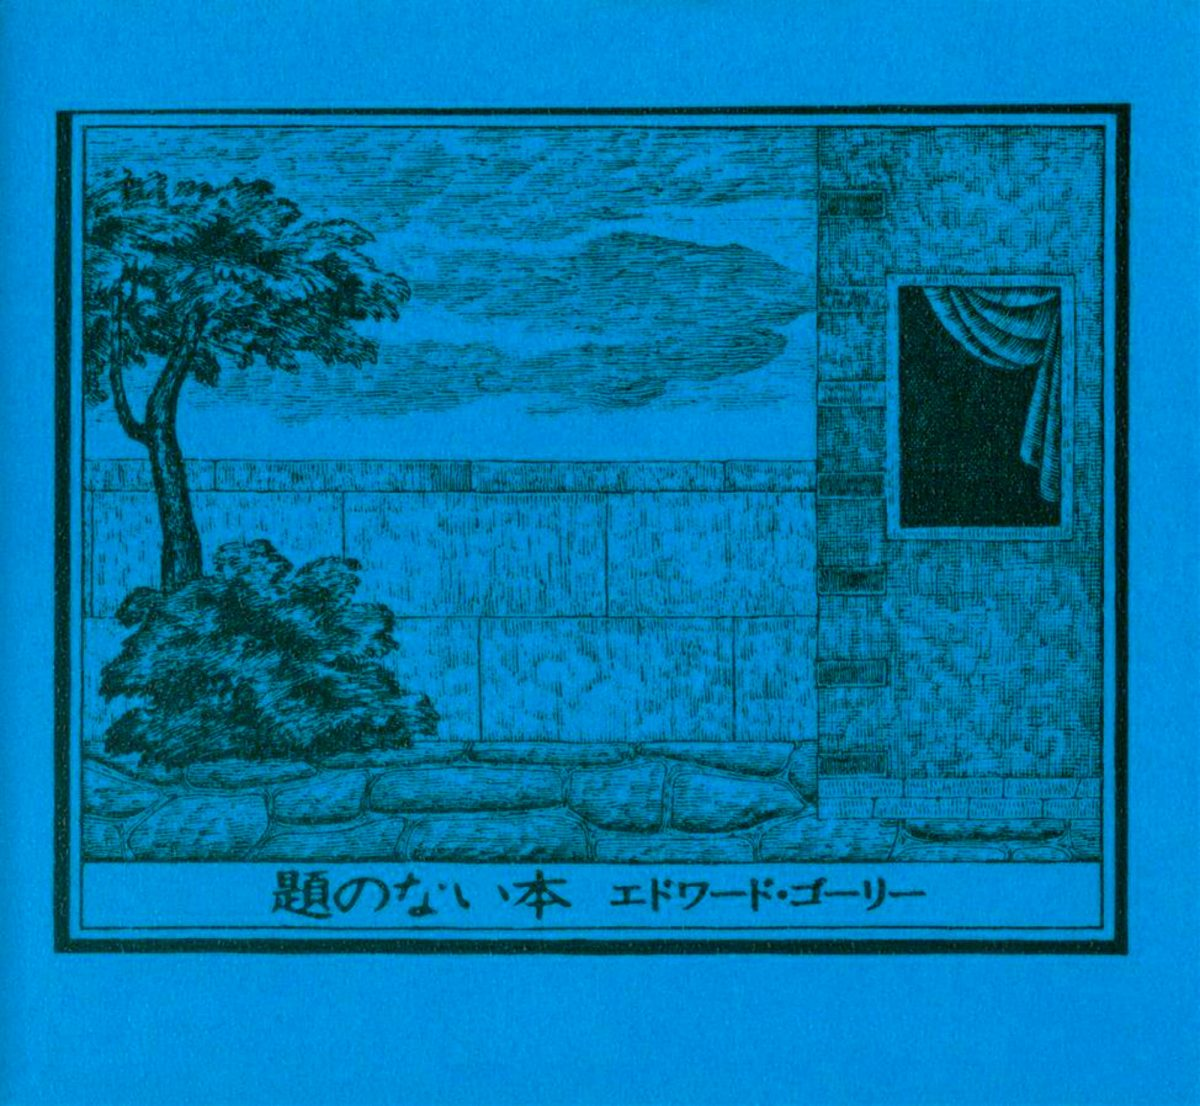 絵本「題のない本」の表紙